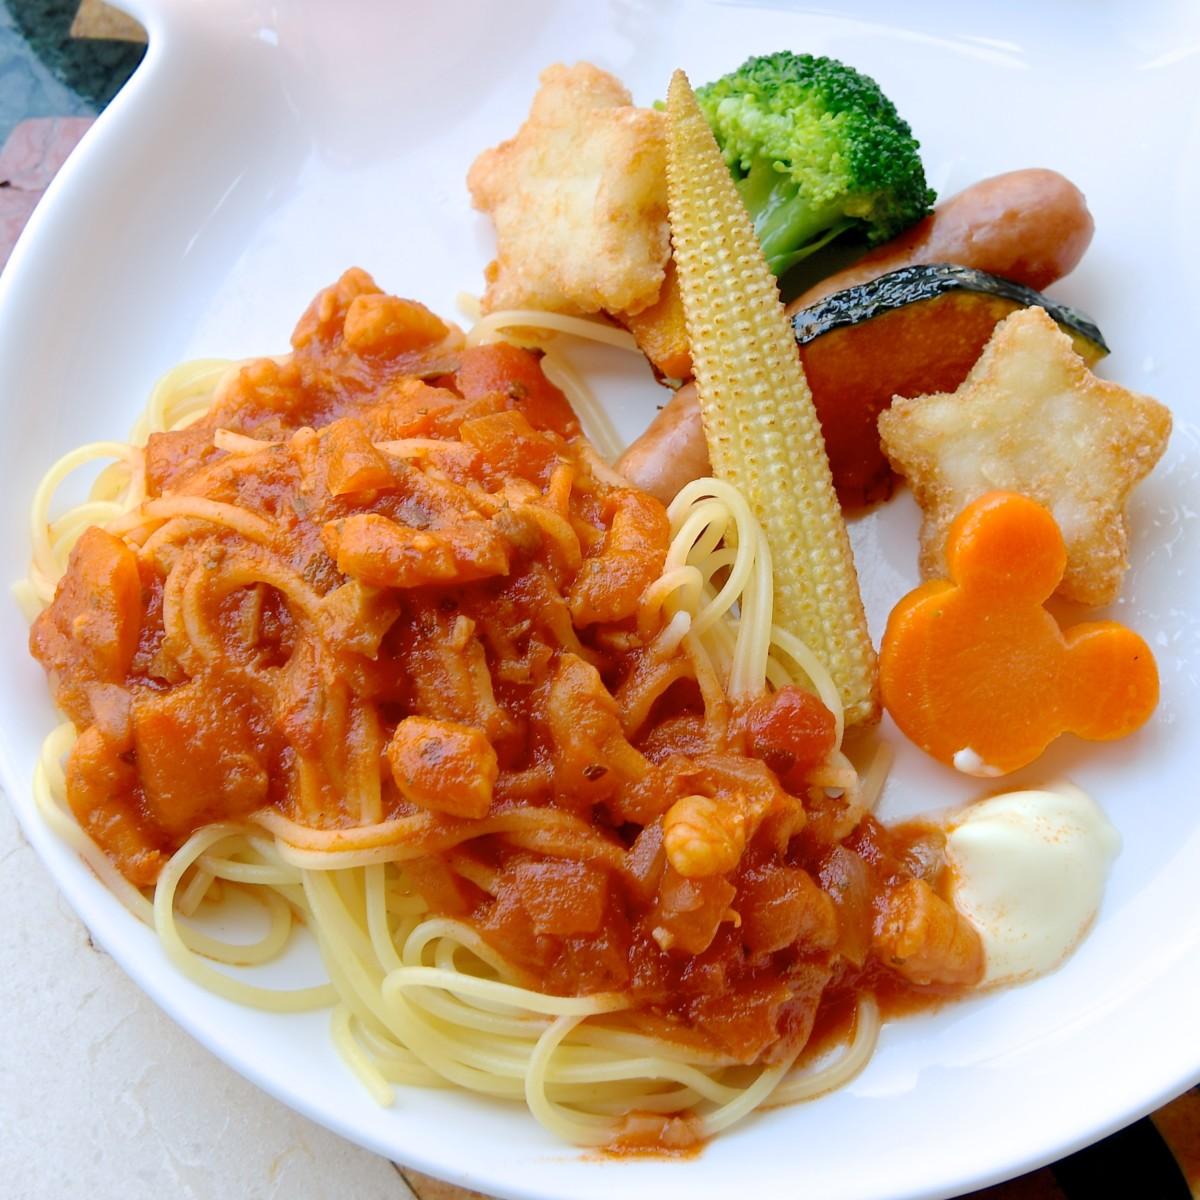 シュリンプ入りトマトソースのスパゲッティーニ、 ソーセージ、ハッシュドポテト、ブロッコリー、カボチャ、ヤングコーン、ニンジン